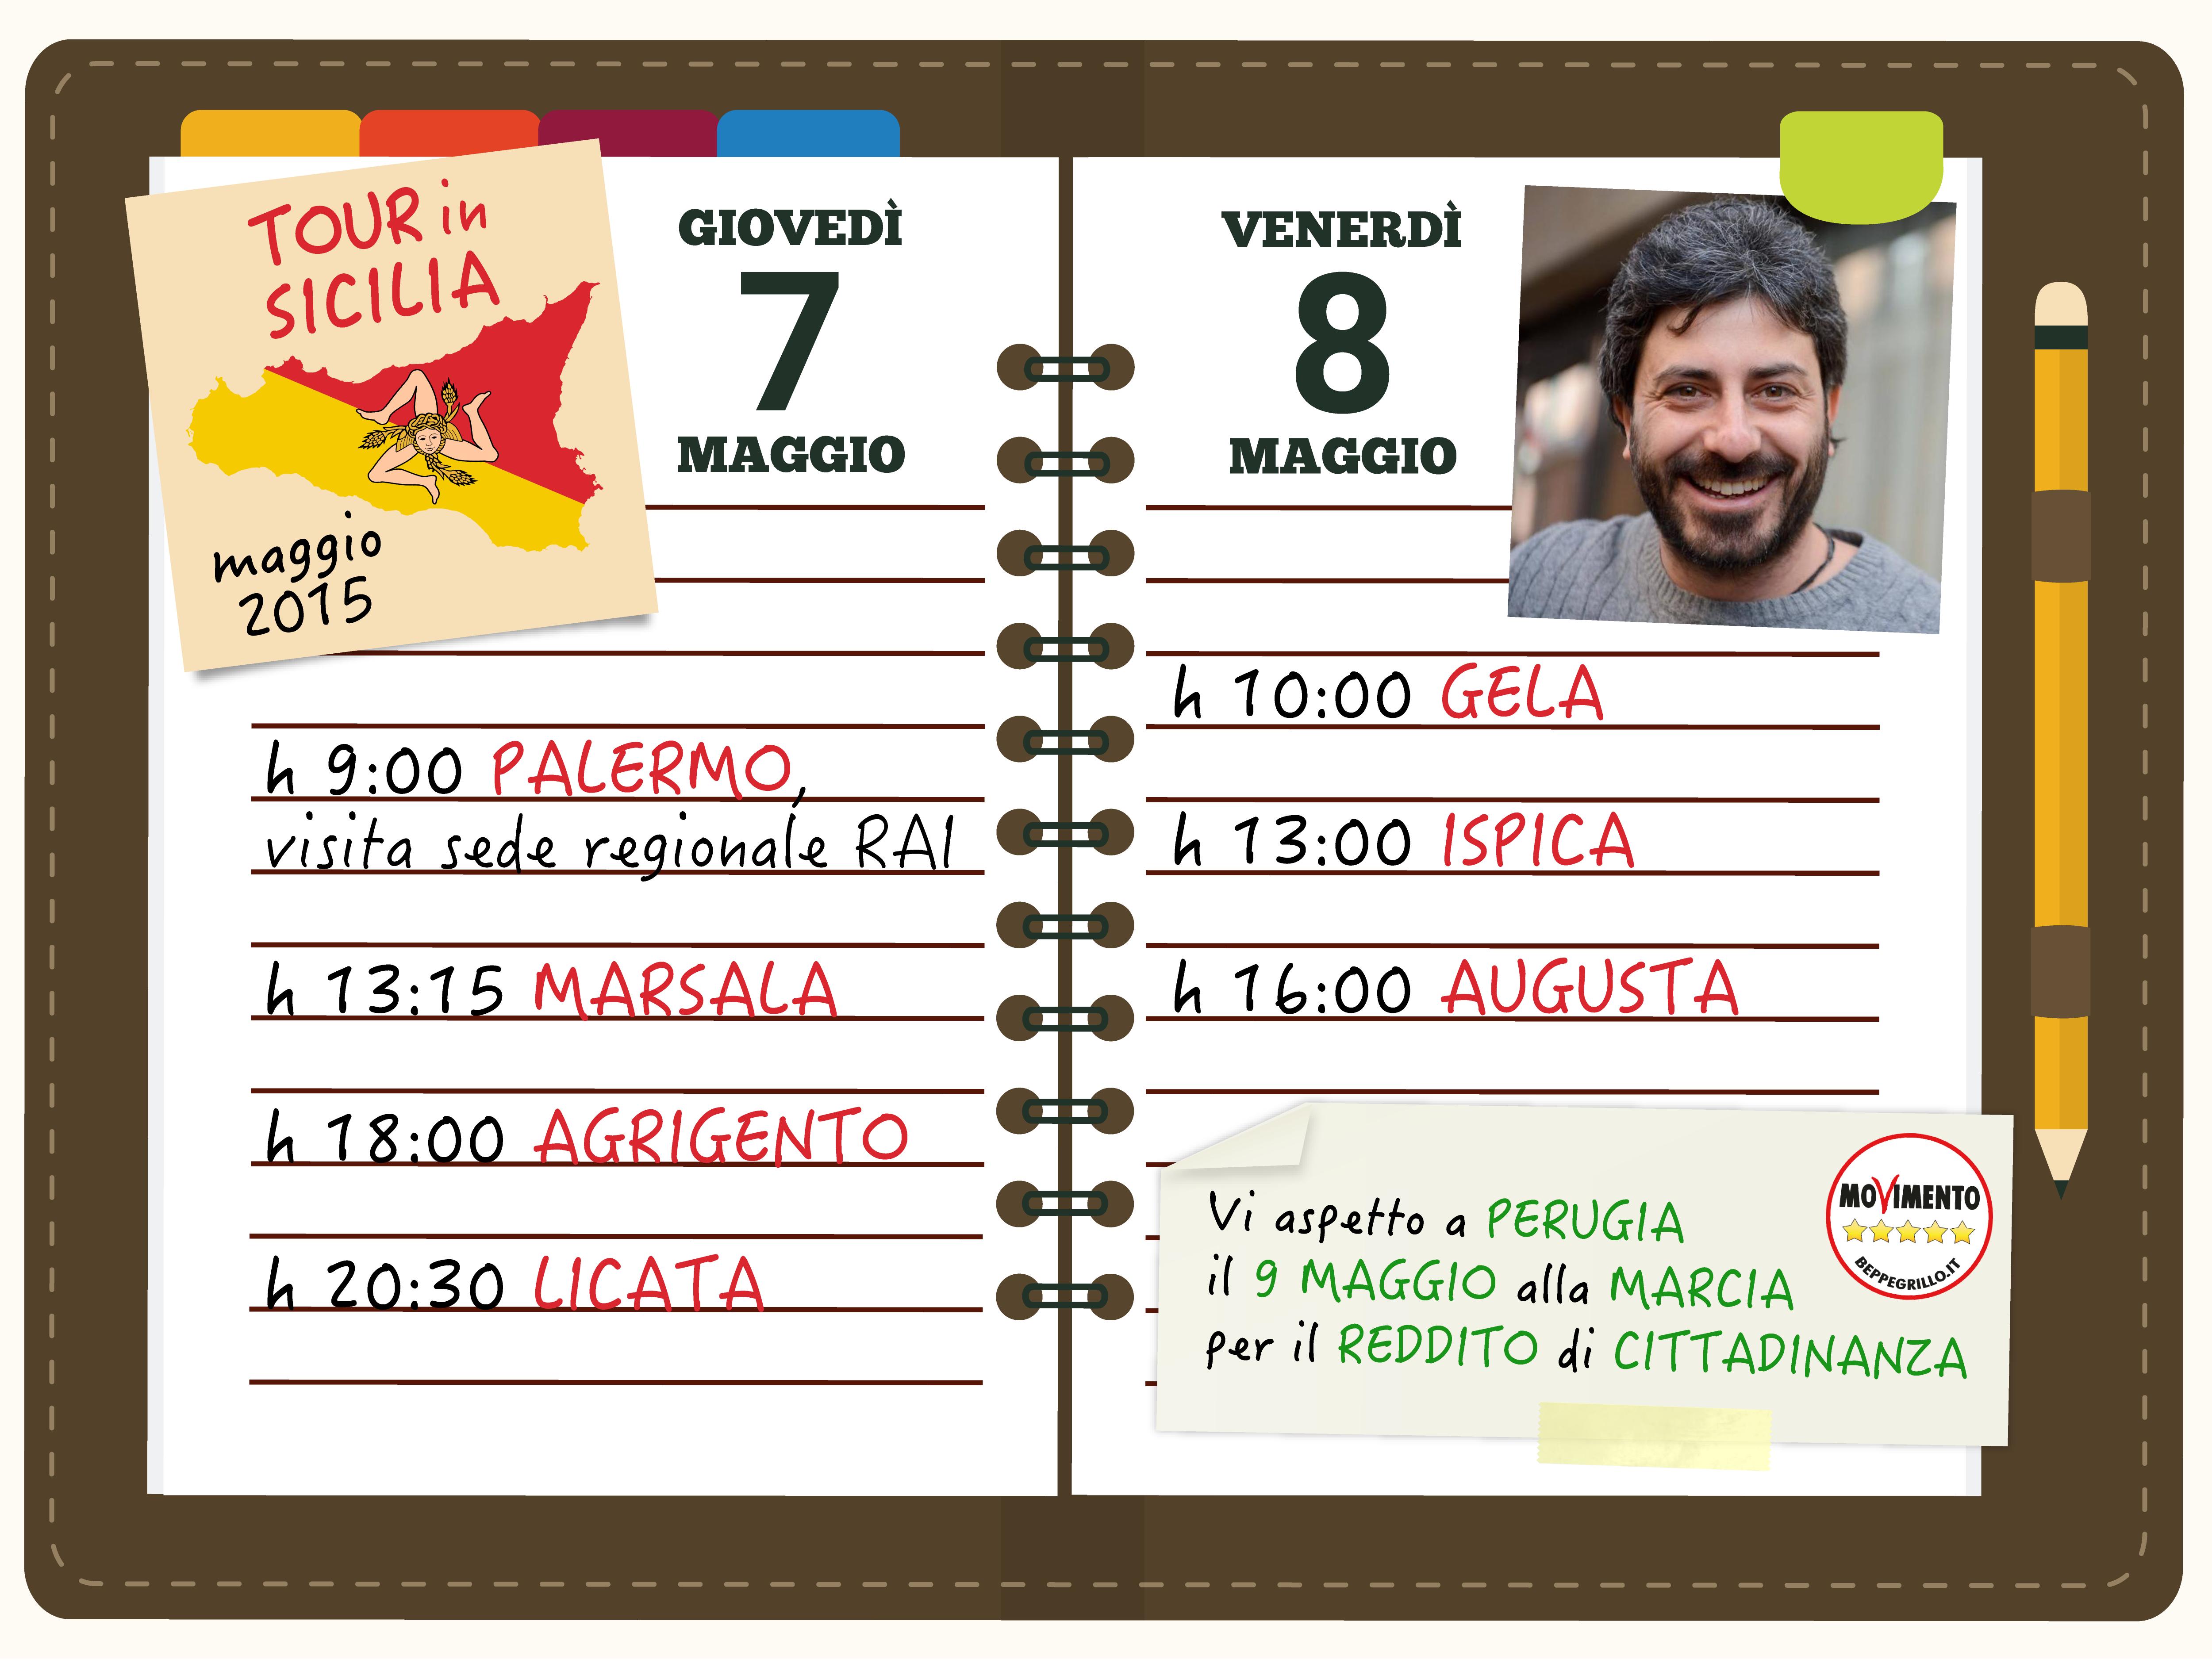 tour_sicilia